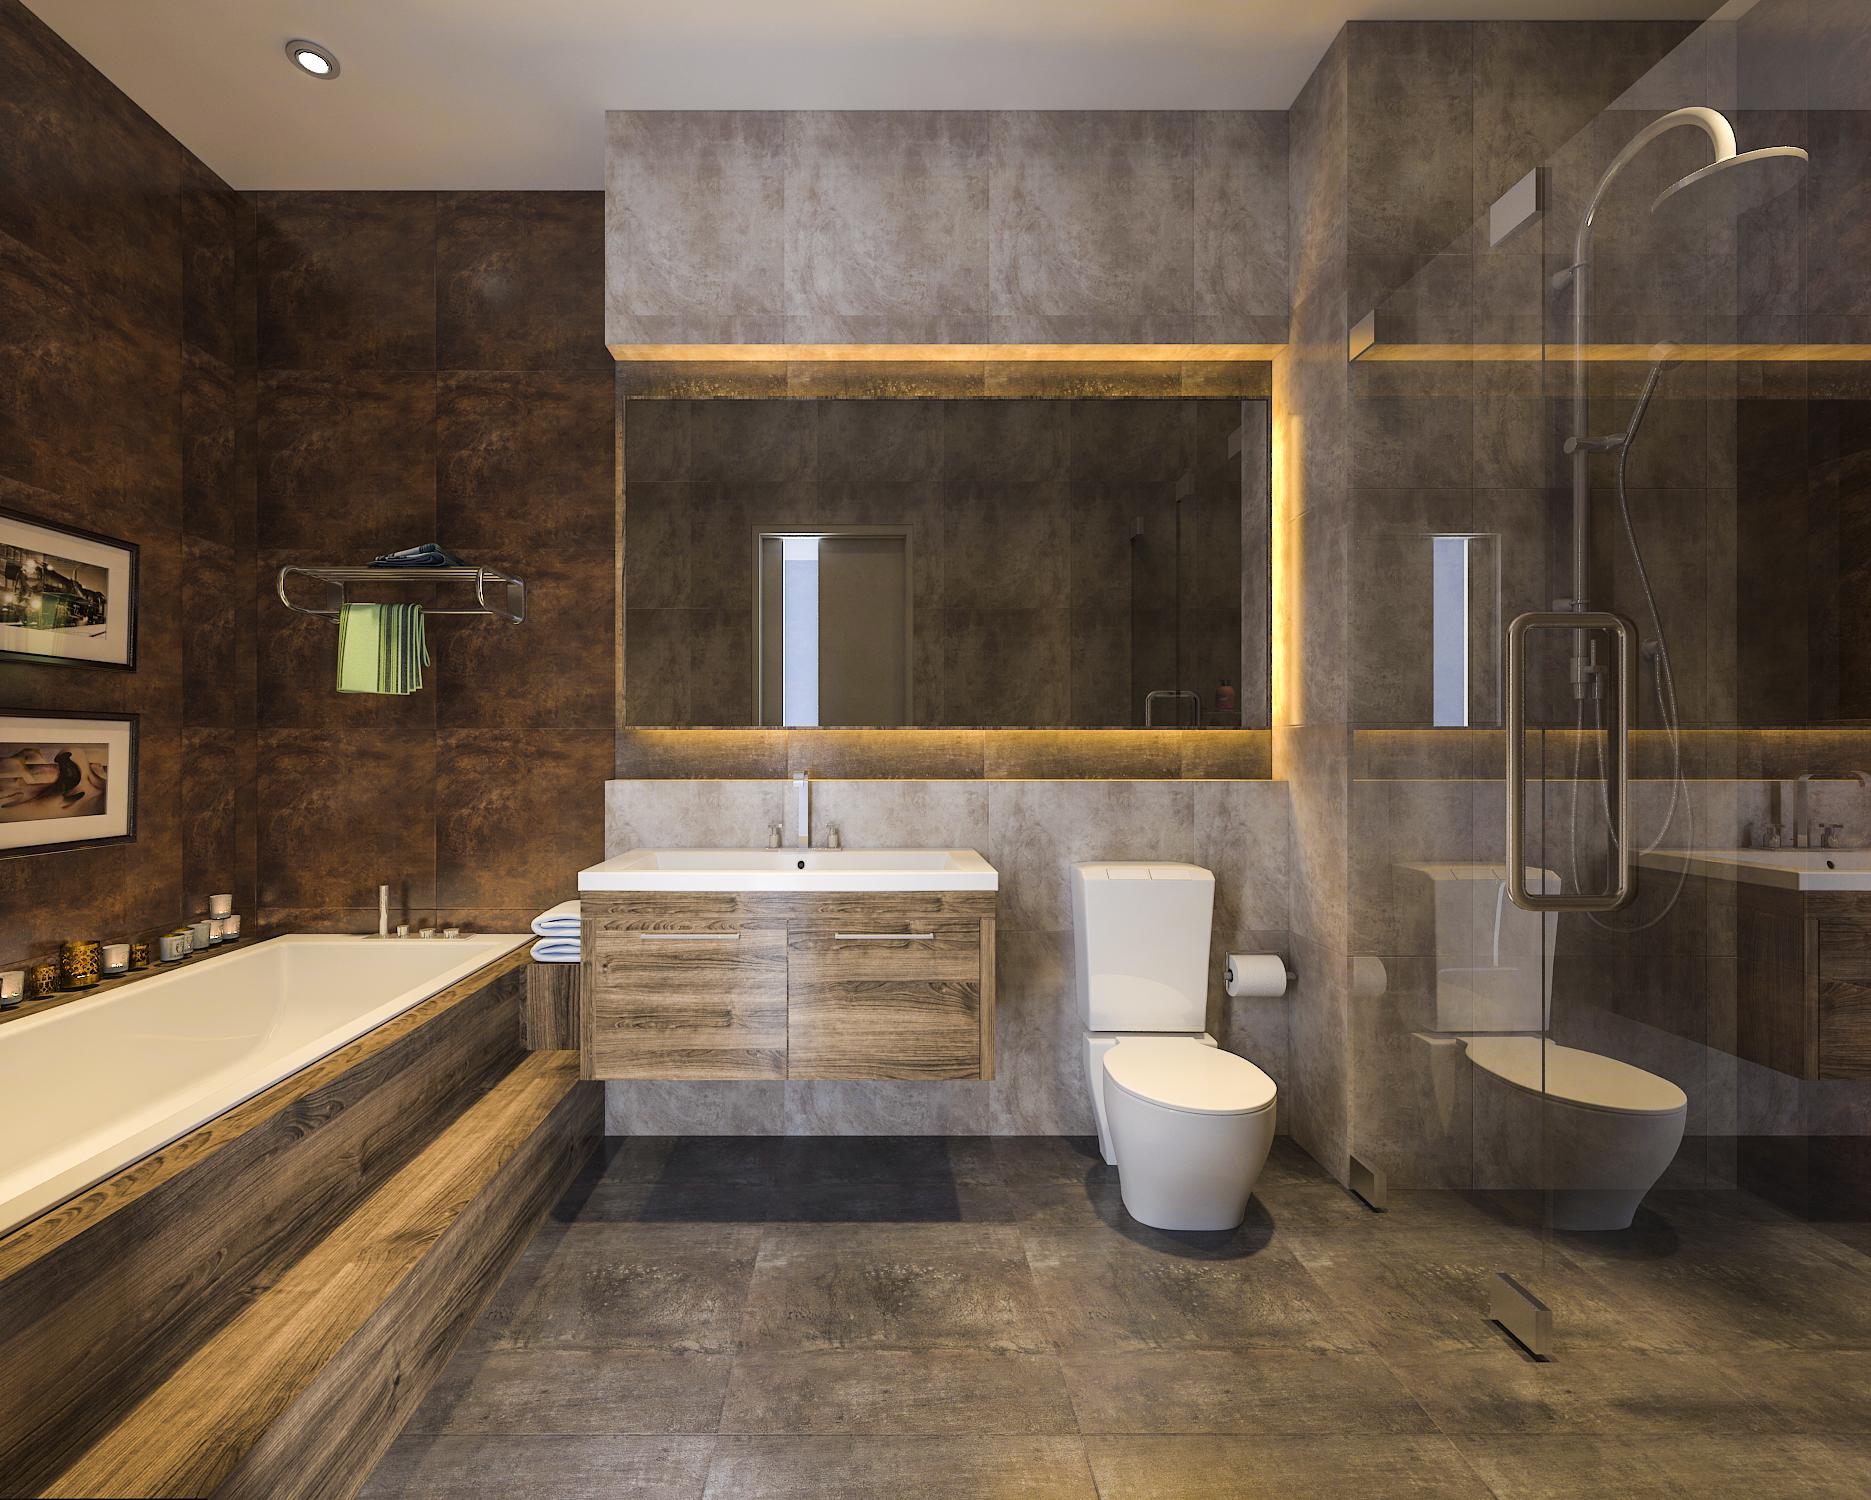 thiết kế nội thất chung cư tại Hồ Chí Minh Ms. Ly Apartment 25 1562574651